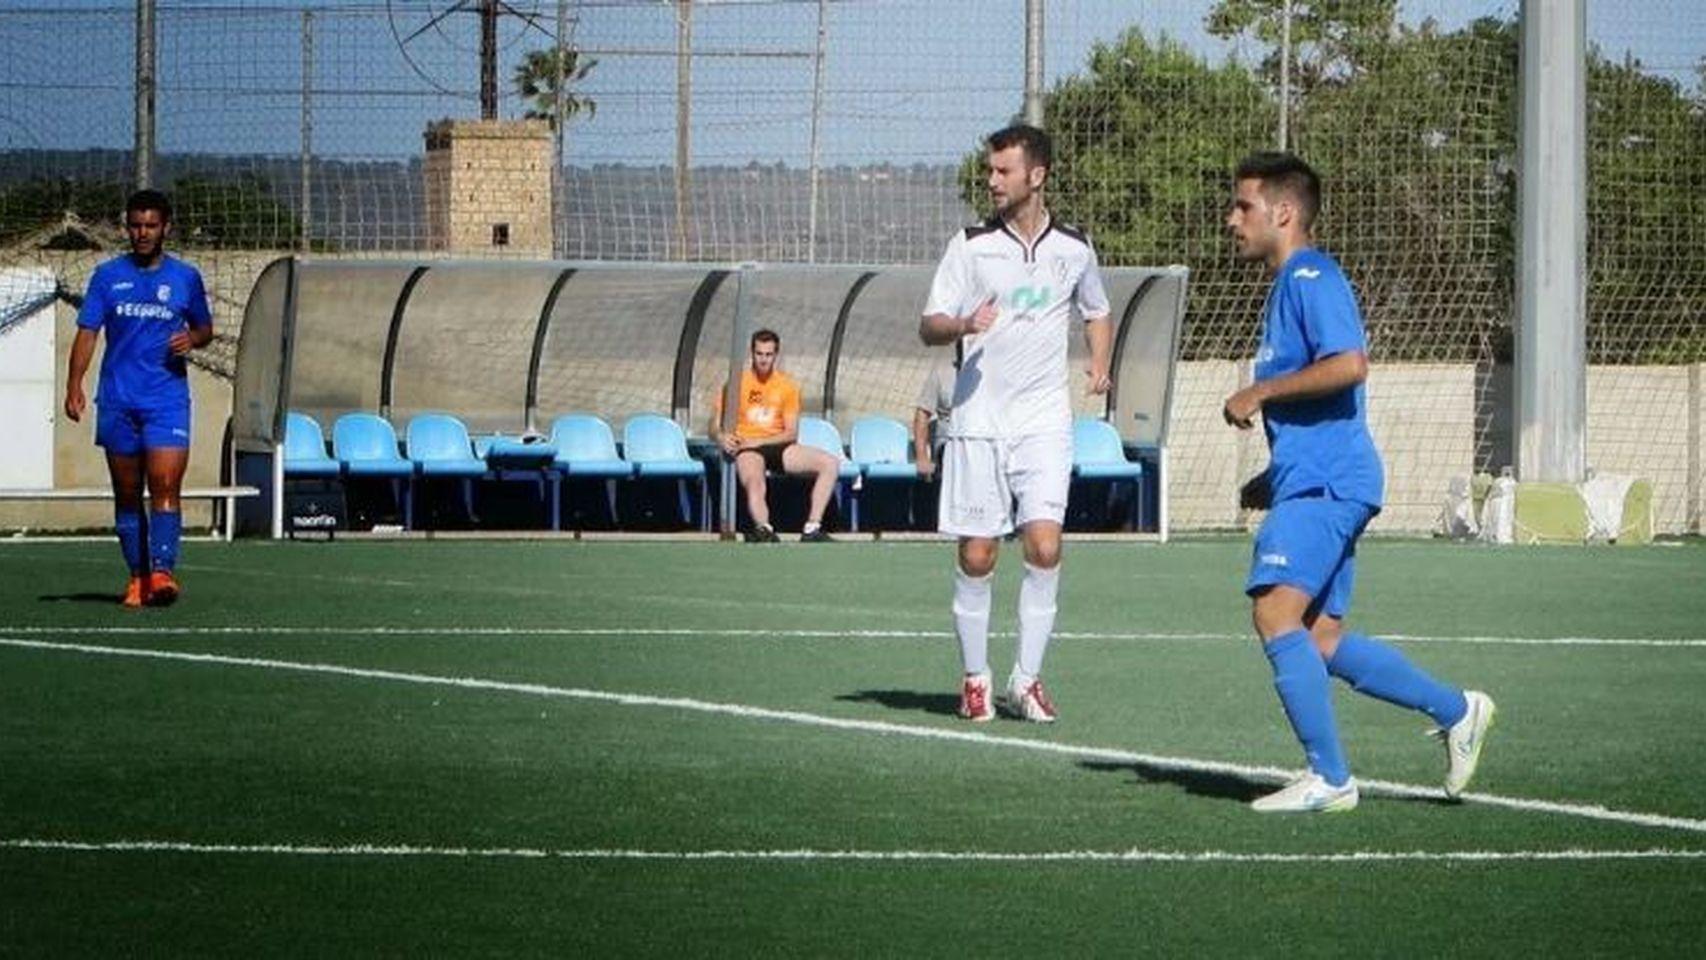 Partido entre Ferriolense y Alaró celebrado el 17 de mayo de 2015 en el estadio Son Ferriol.